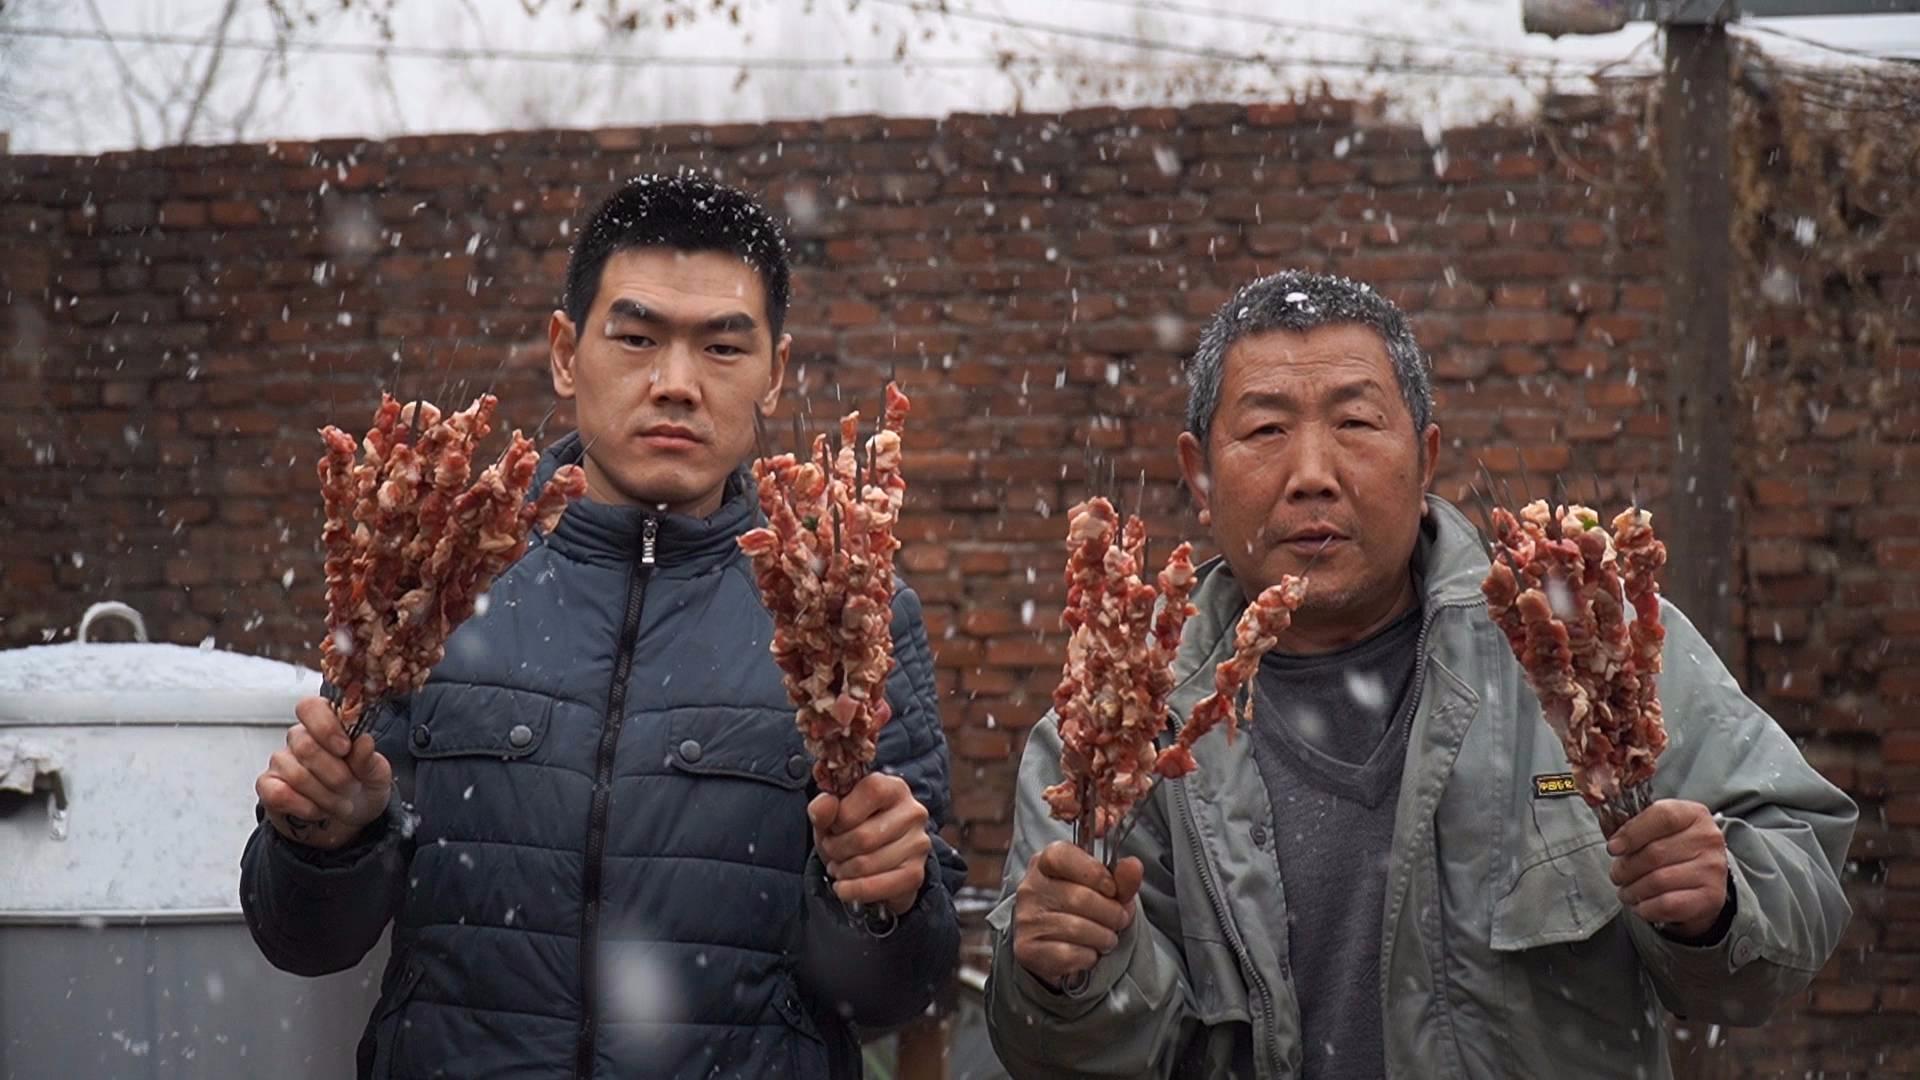 阿远第一次用吊炉烤羊肉串,大雪天吃羊肉很过瘾,仨朋友吃爽了